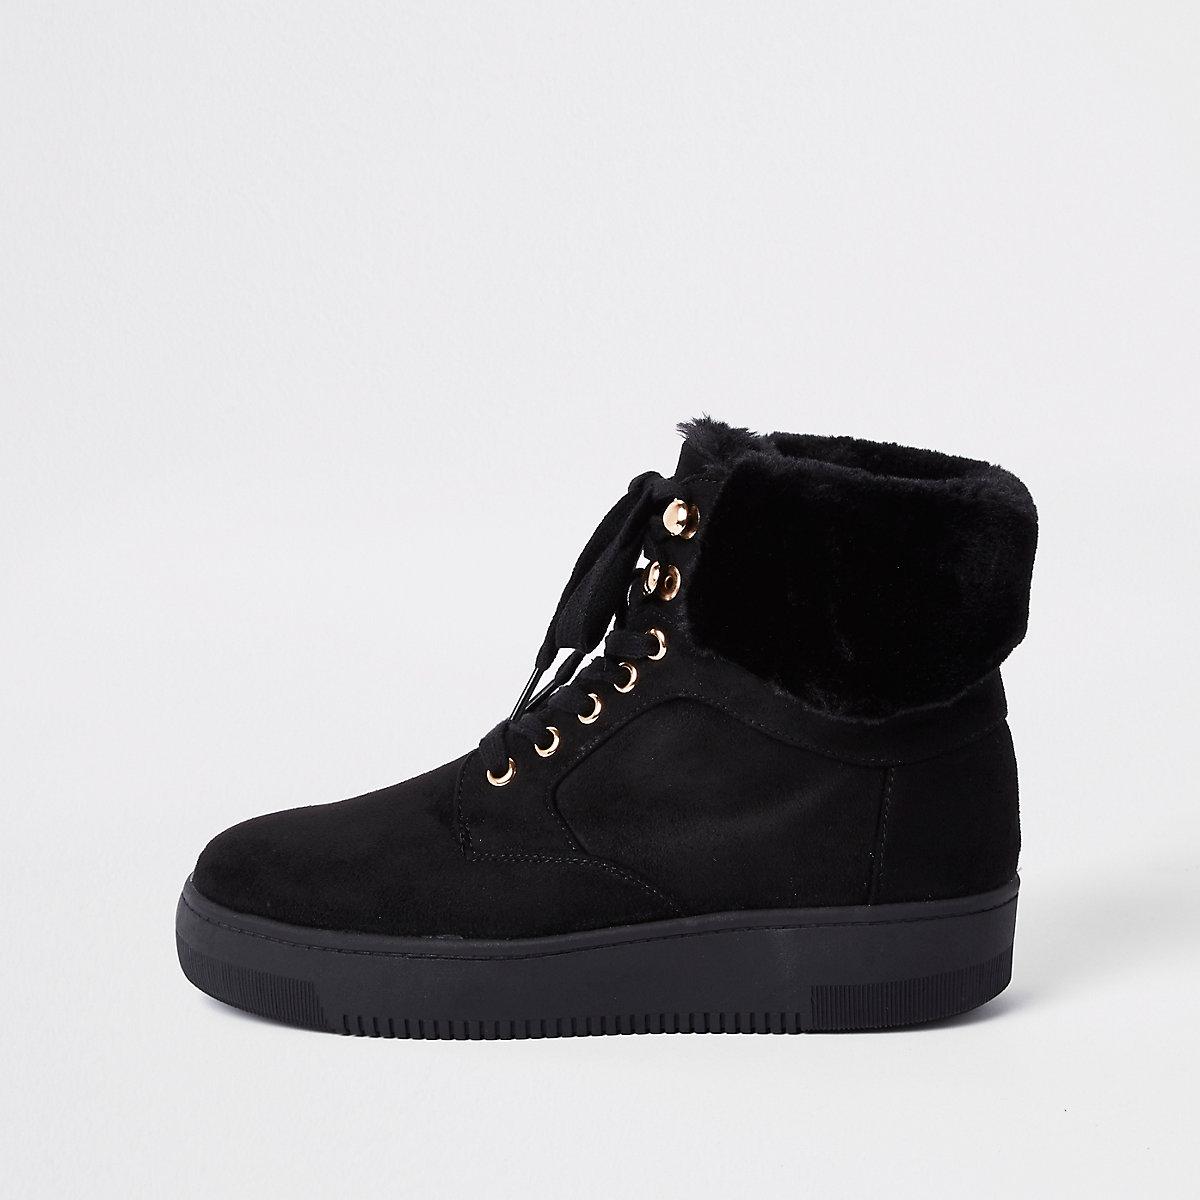 Zwarte laarzen met veters en rand van imitatiebont